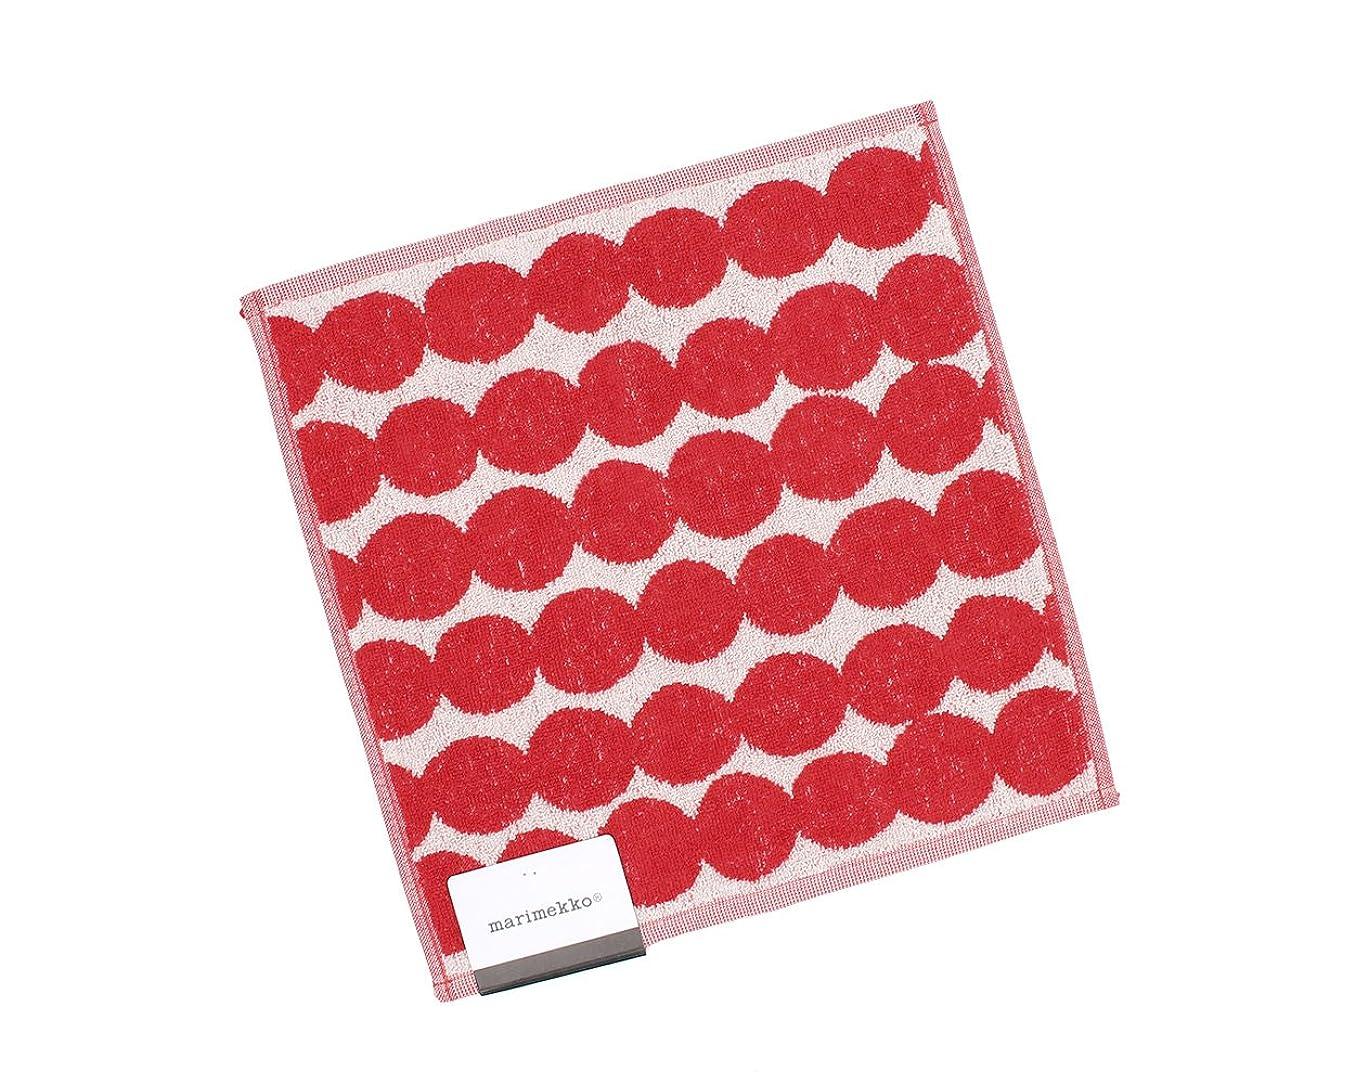 拡張帽子財政マリメッコ(marimekko) ラシィマット ミニタオル 30×30cm ホワイト/レッド RASYMATTO 68762-130 [並行輸入品]